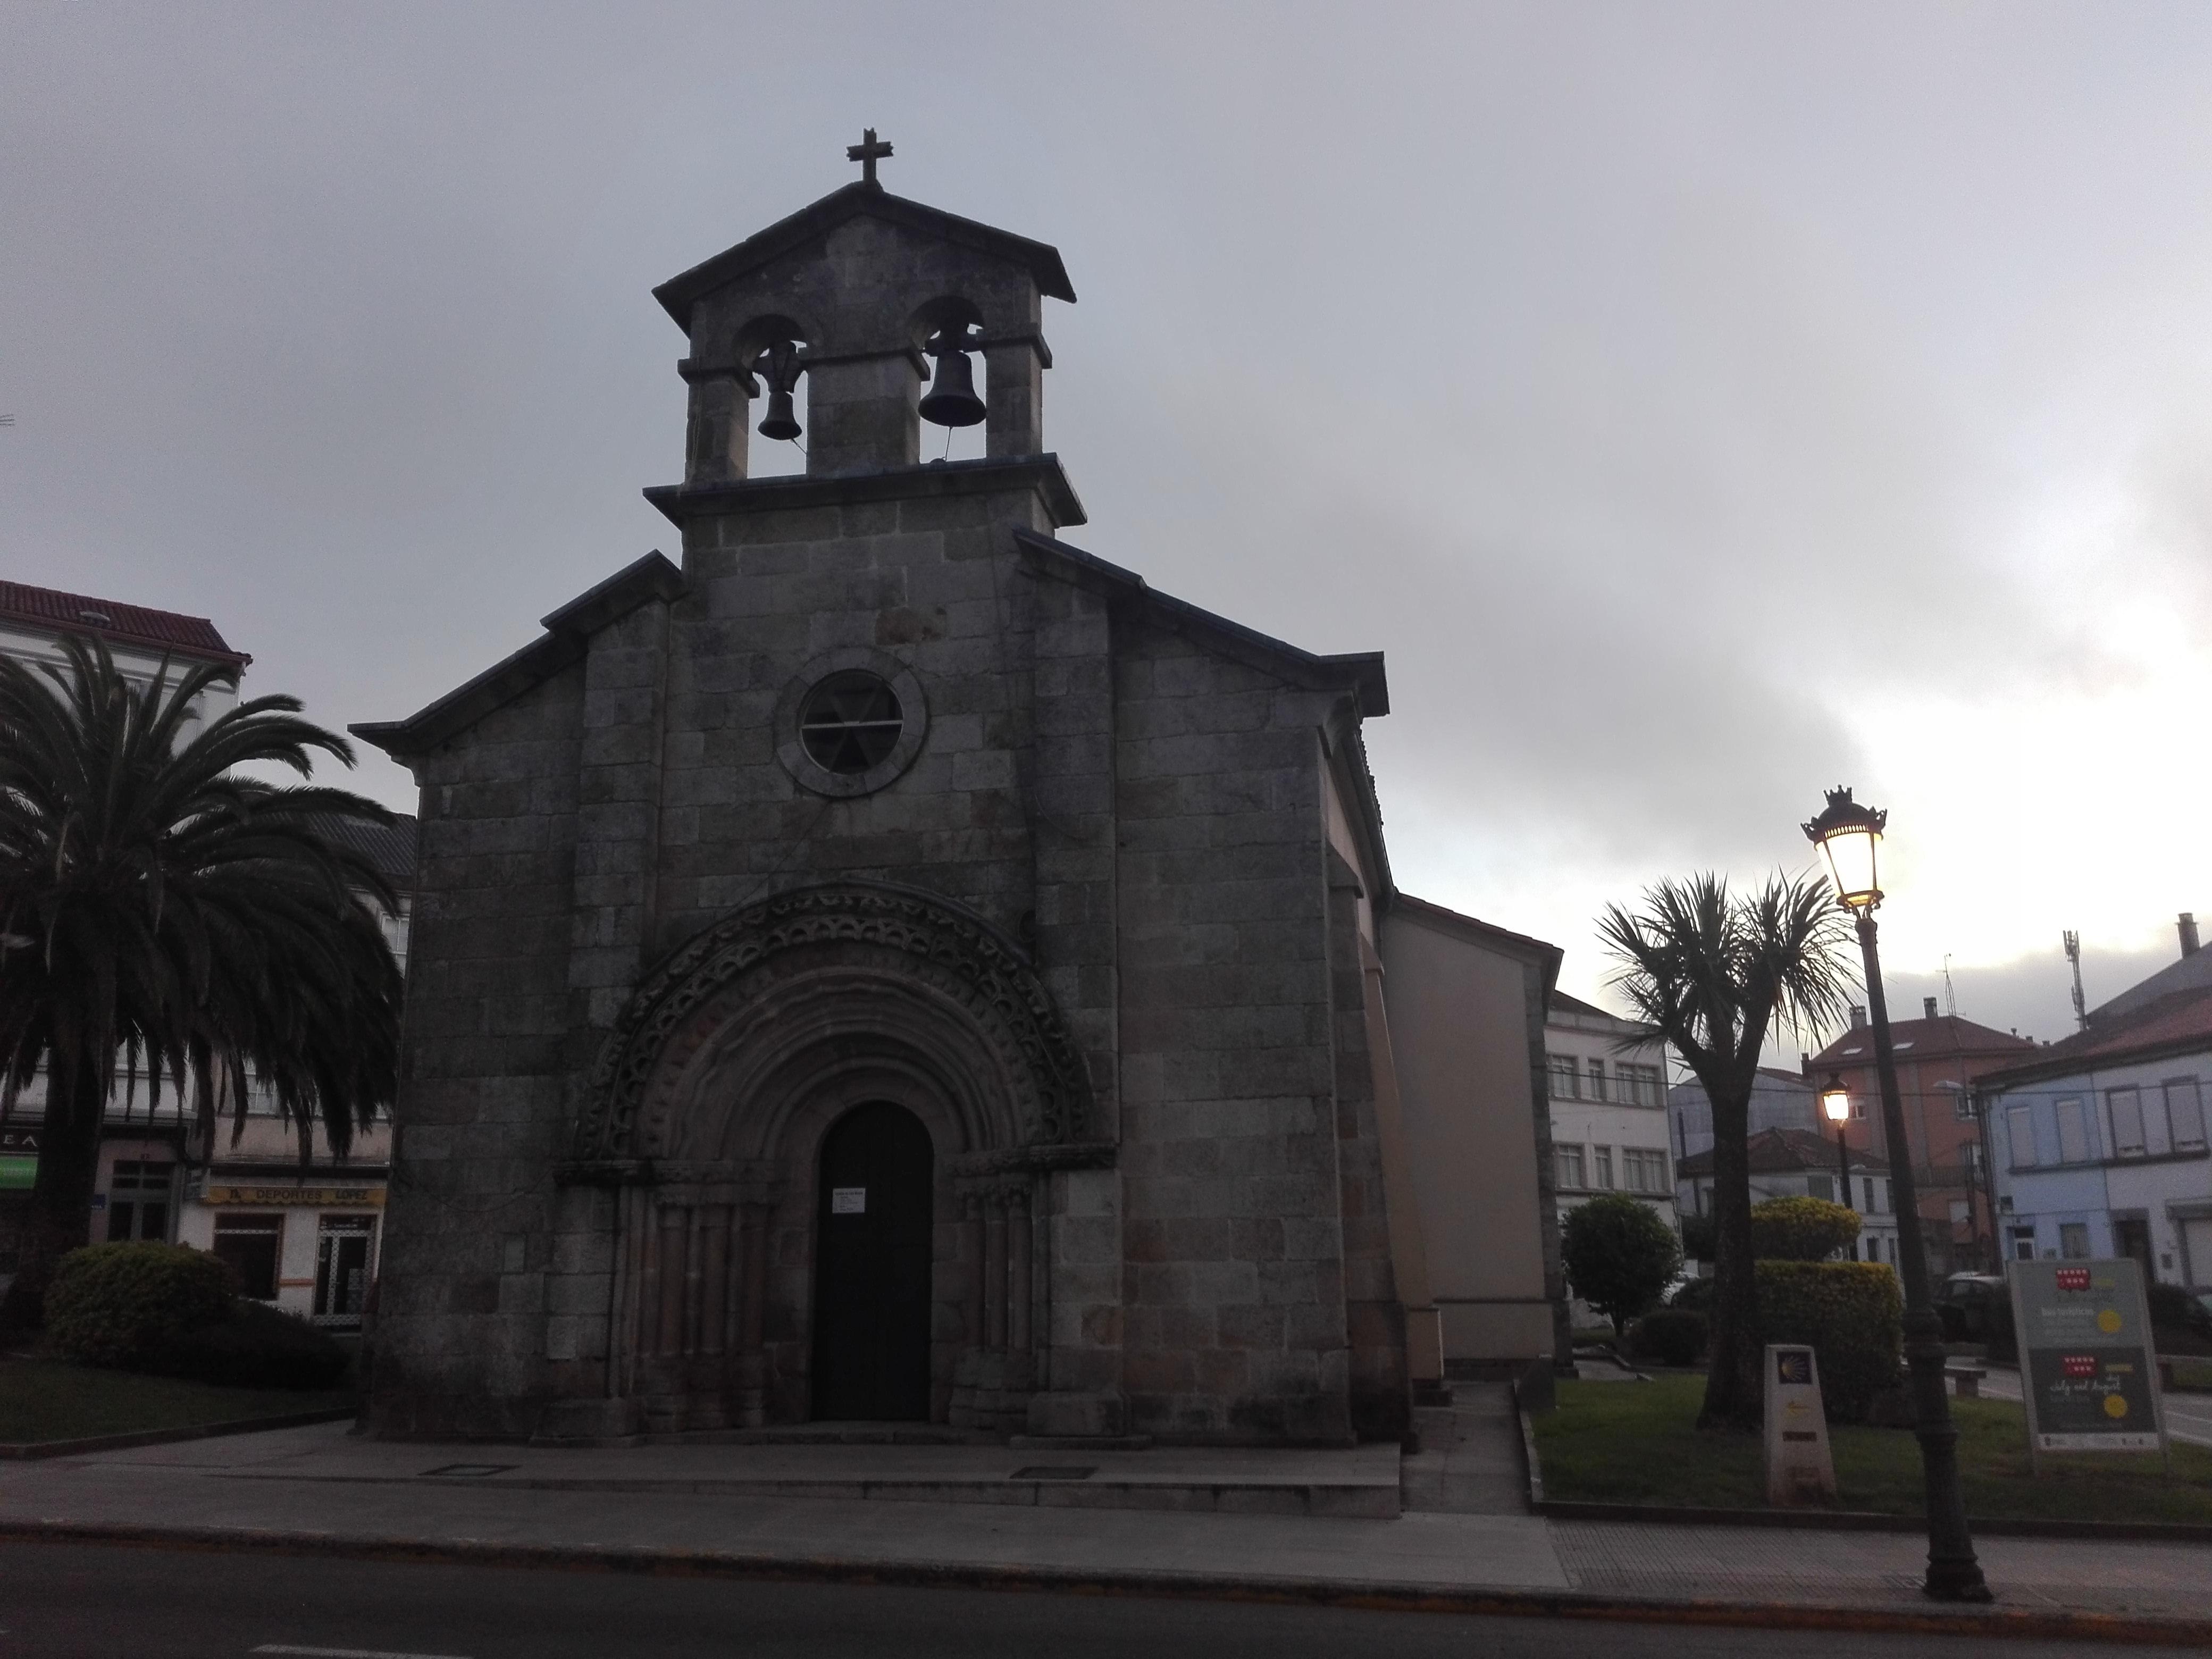 De Portomarin a Melide #CaminodeSantiago